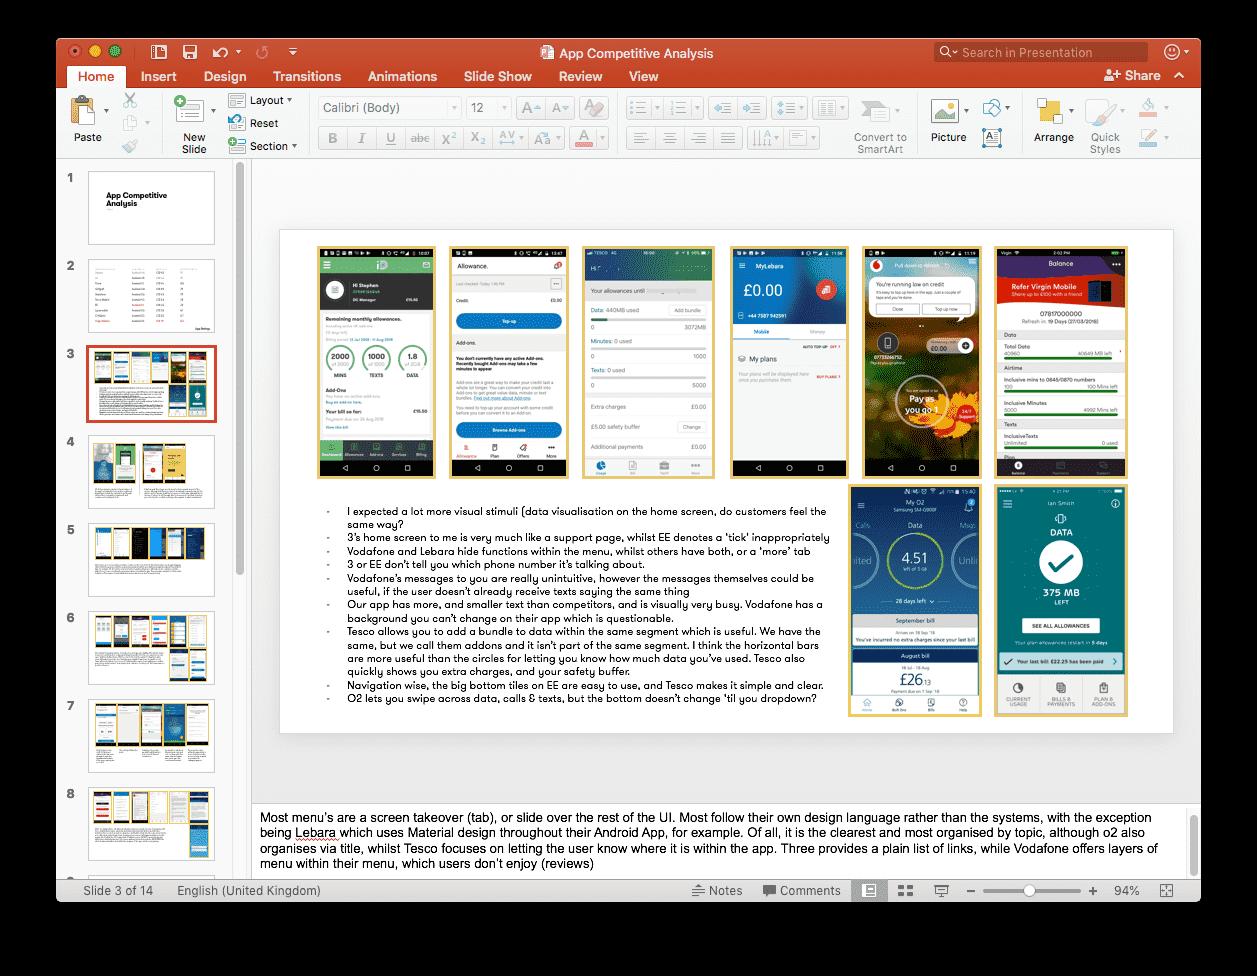 Screenshot 2018-11-29 at 21.59.52.png